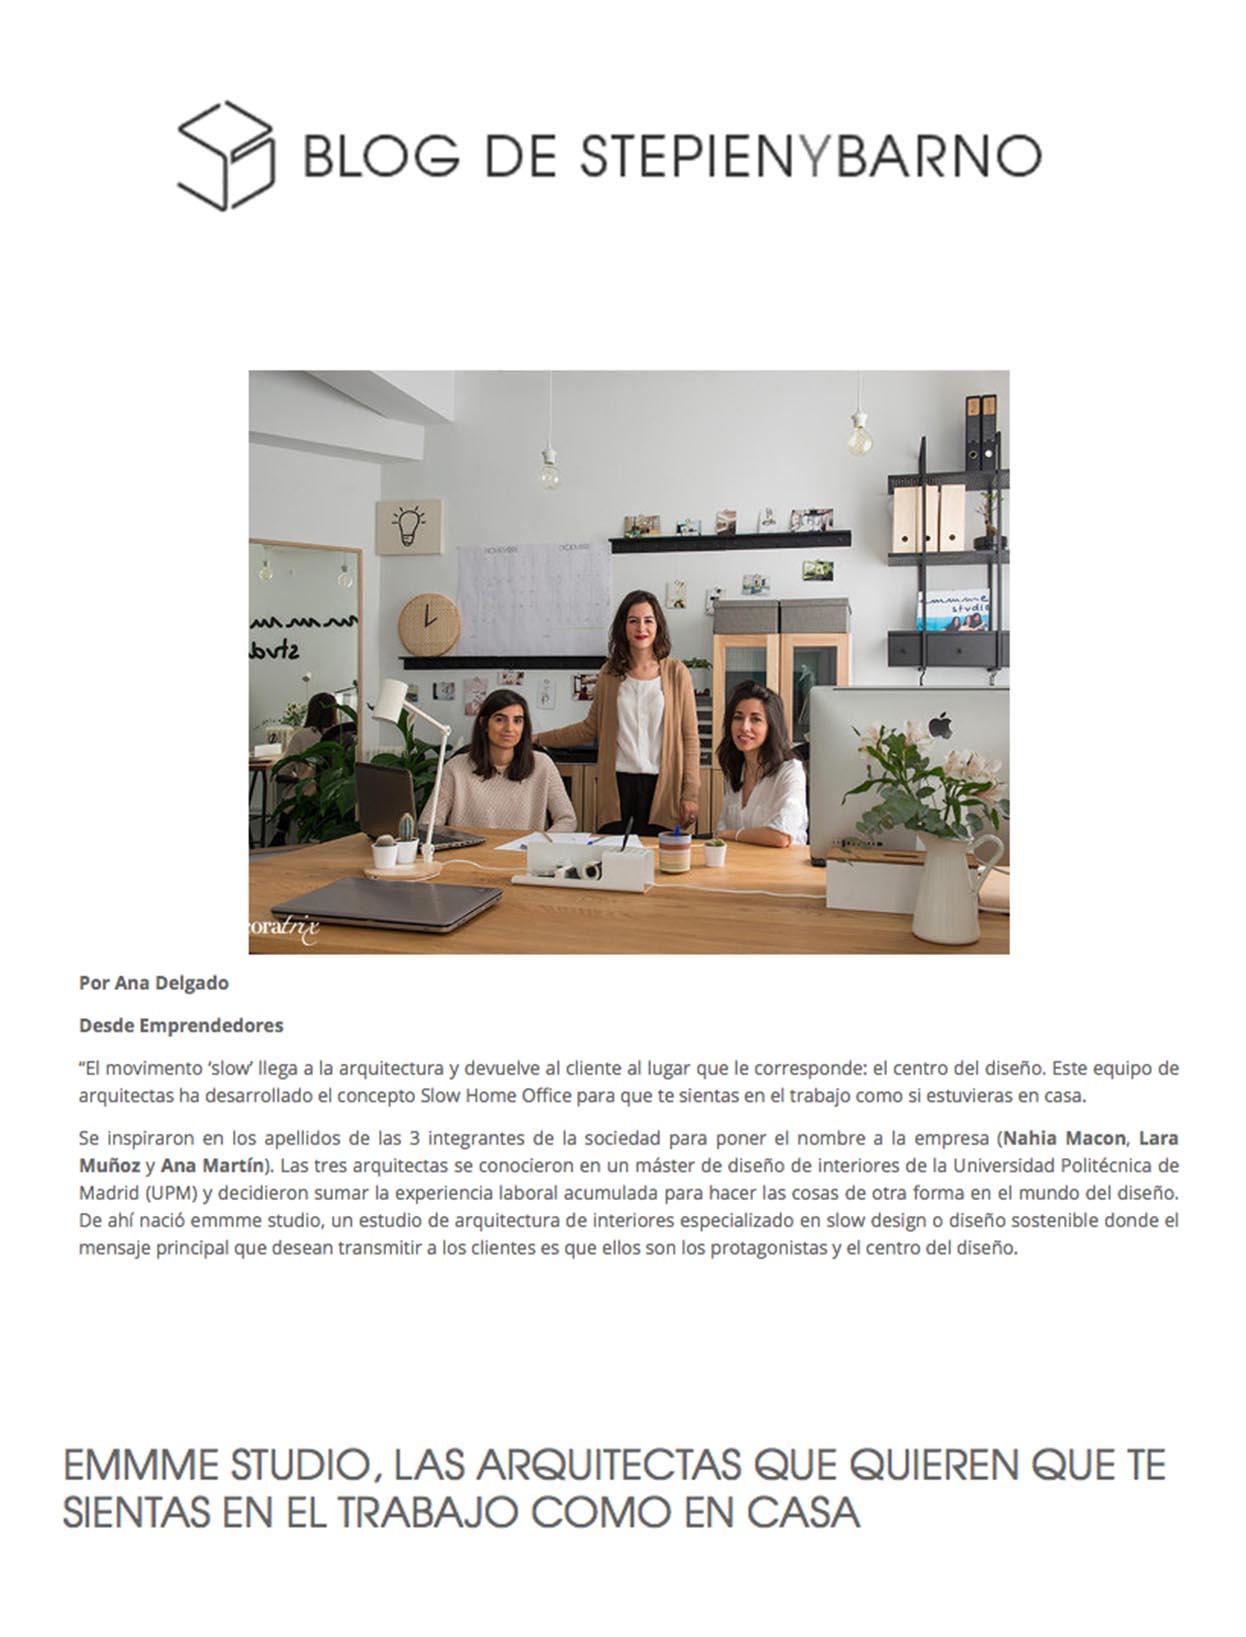 emmme studio blog stepienybarno reformas diseño slow prensa artículo.jpg